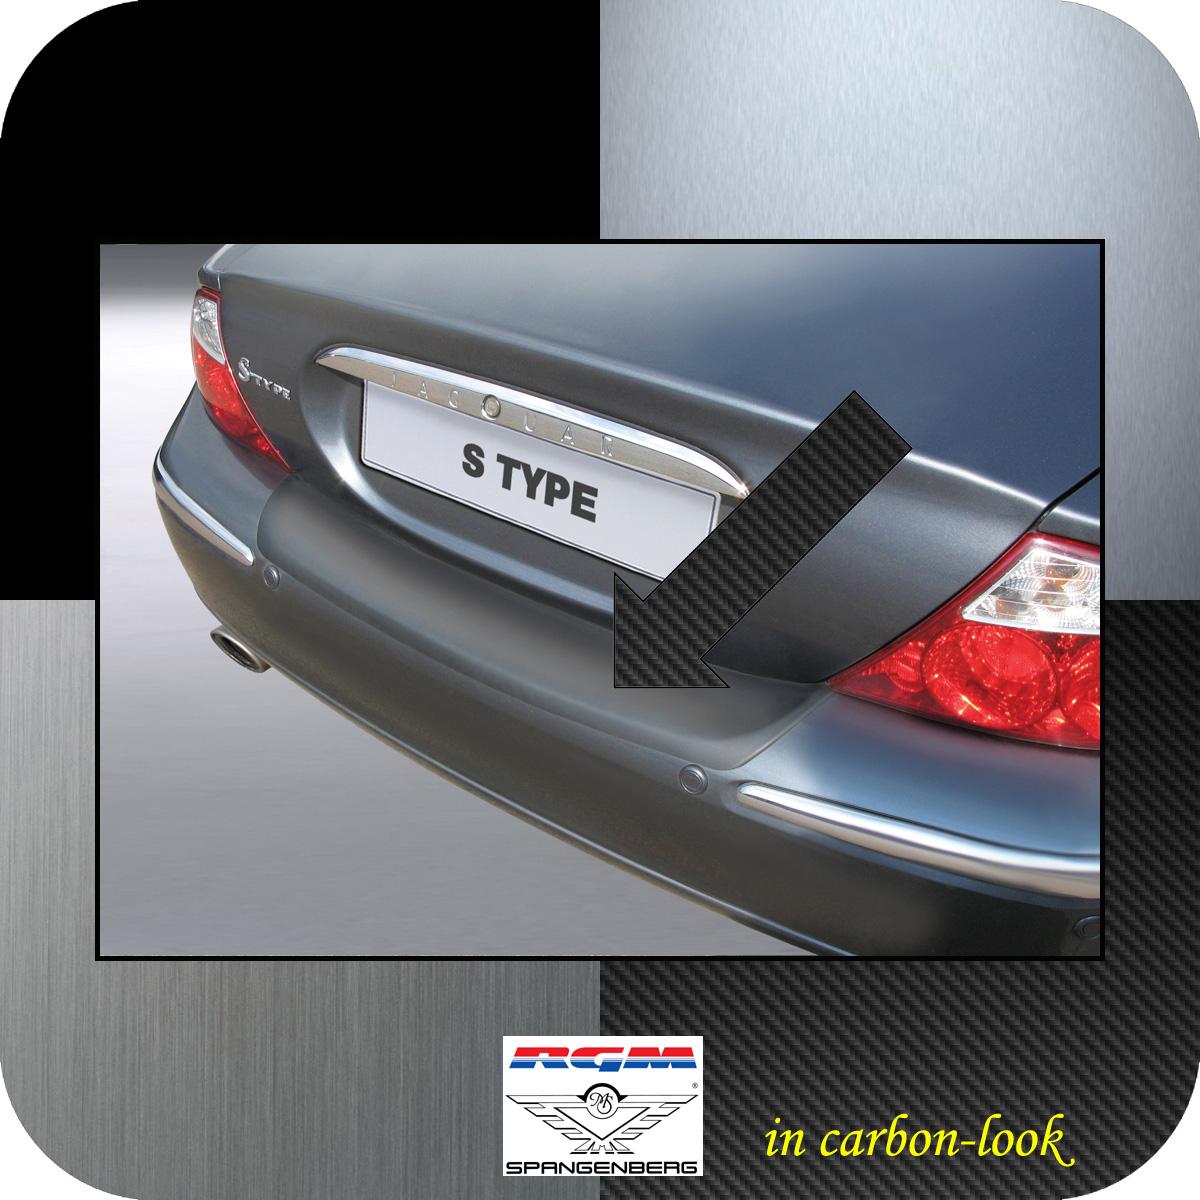 Ladekantenschutz Carbon-Look Jaguar S-Type Limousine vor Mopf II 1999-04 3509425